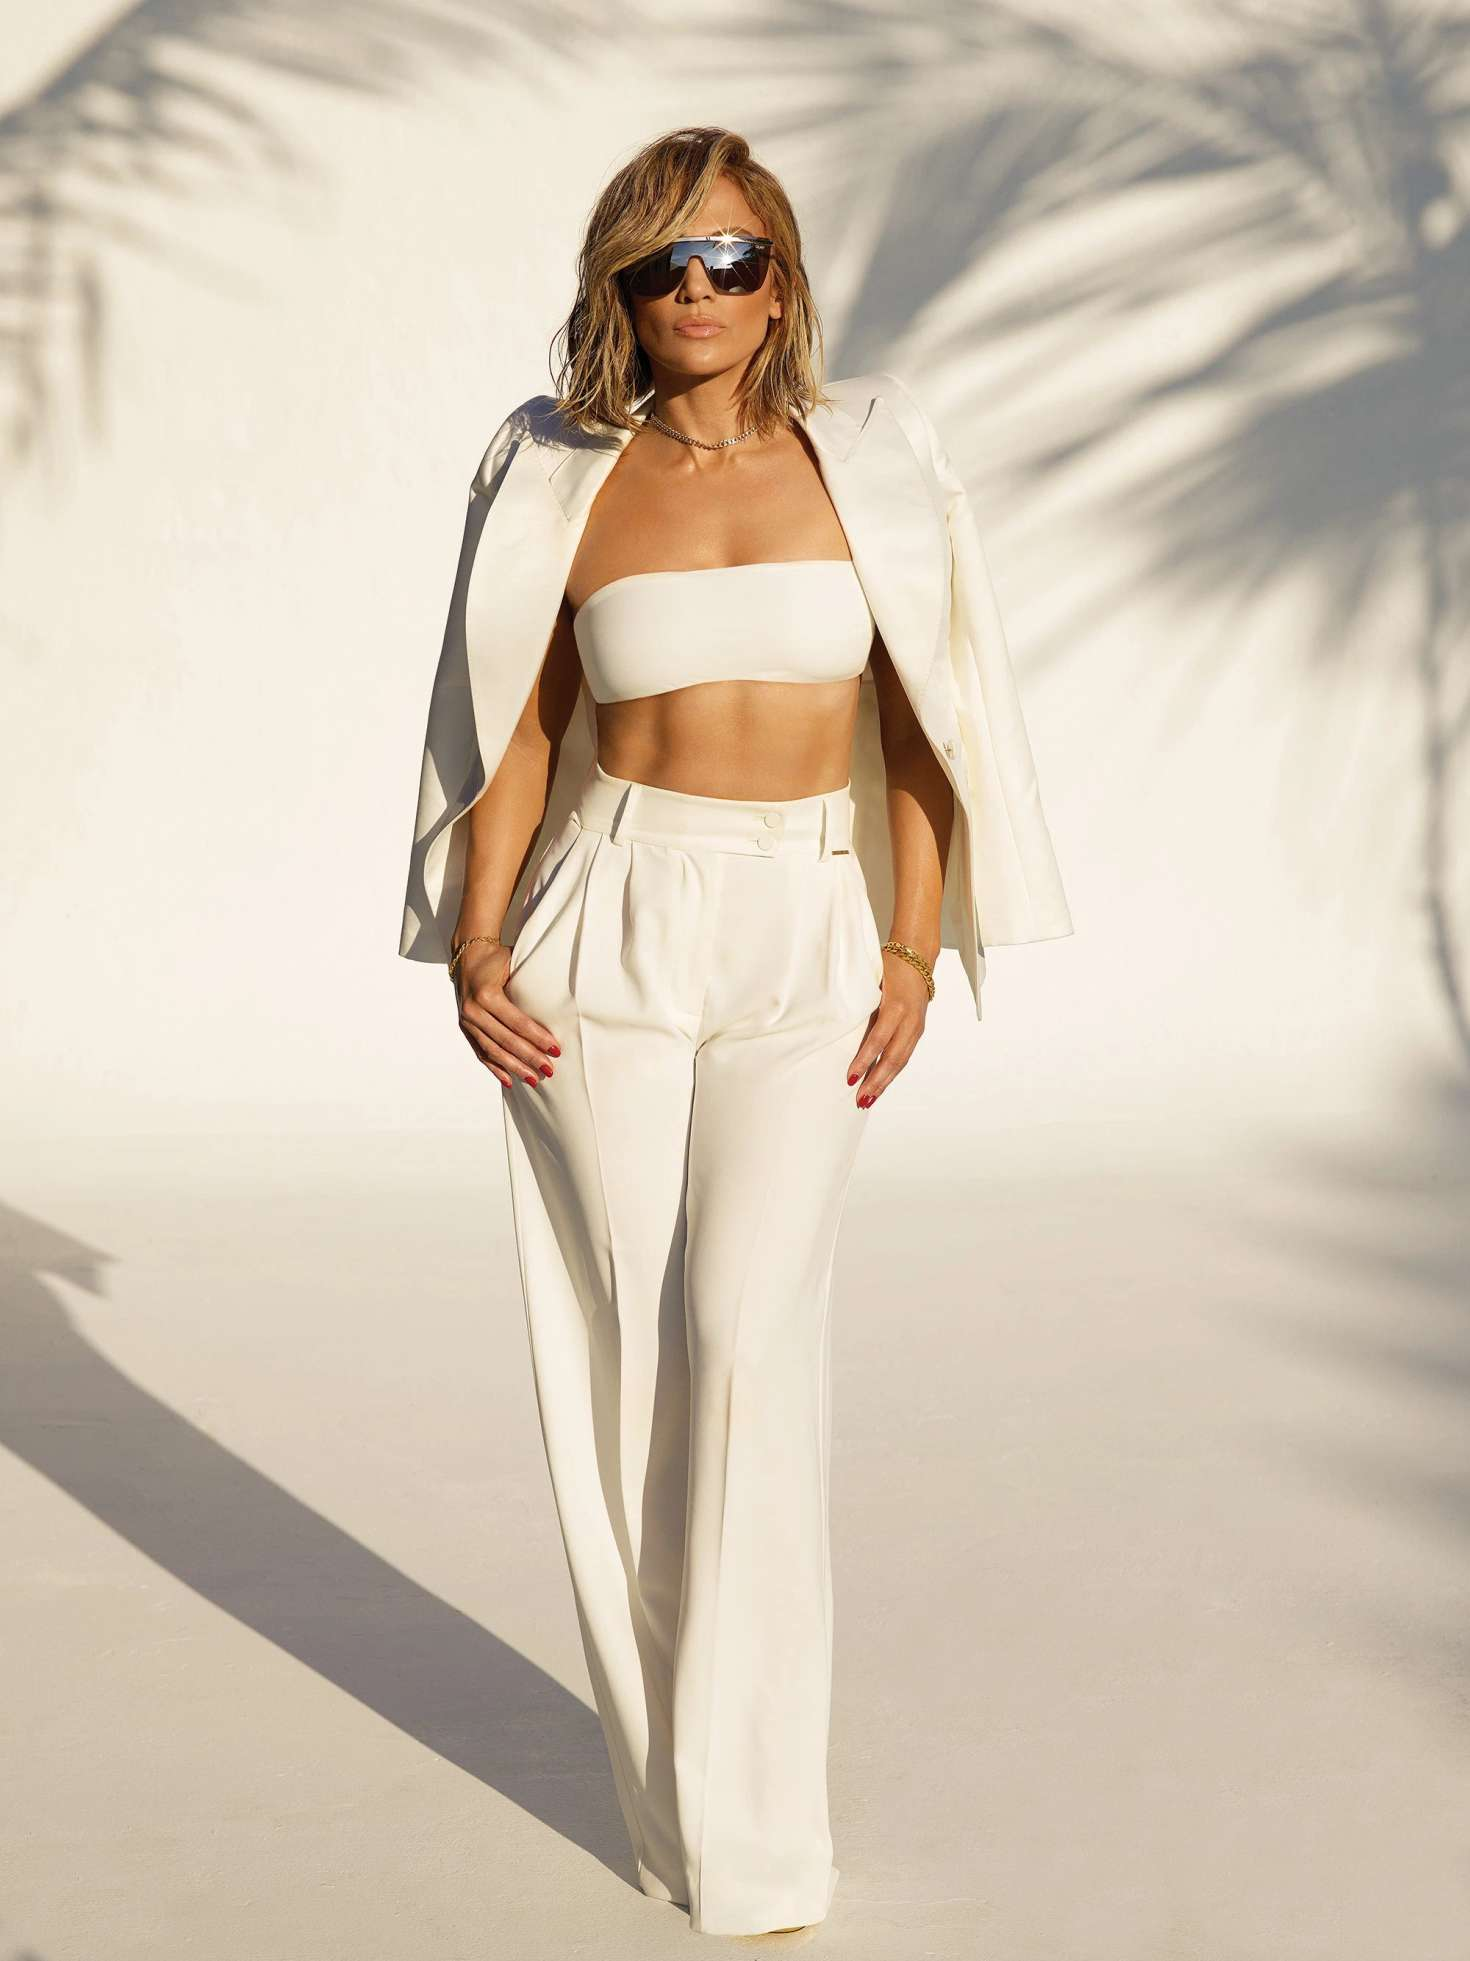 Jennifer Lopez 2019 : Jennifer Lopez: QUAY x JLO AND AROD Campaign 2019 -06